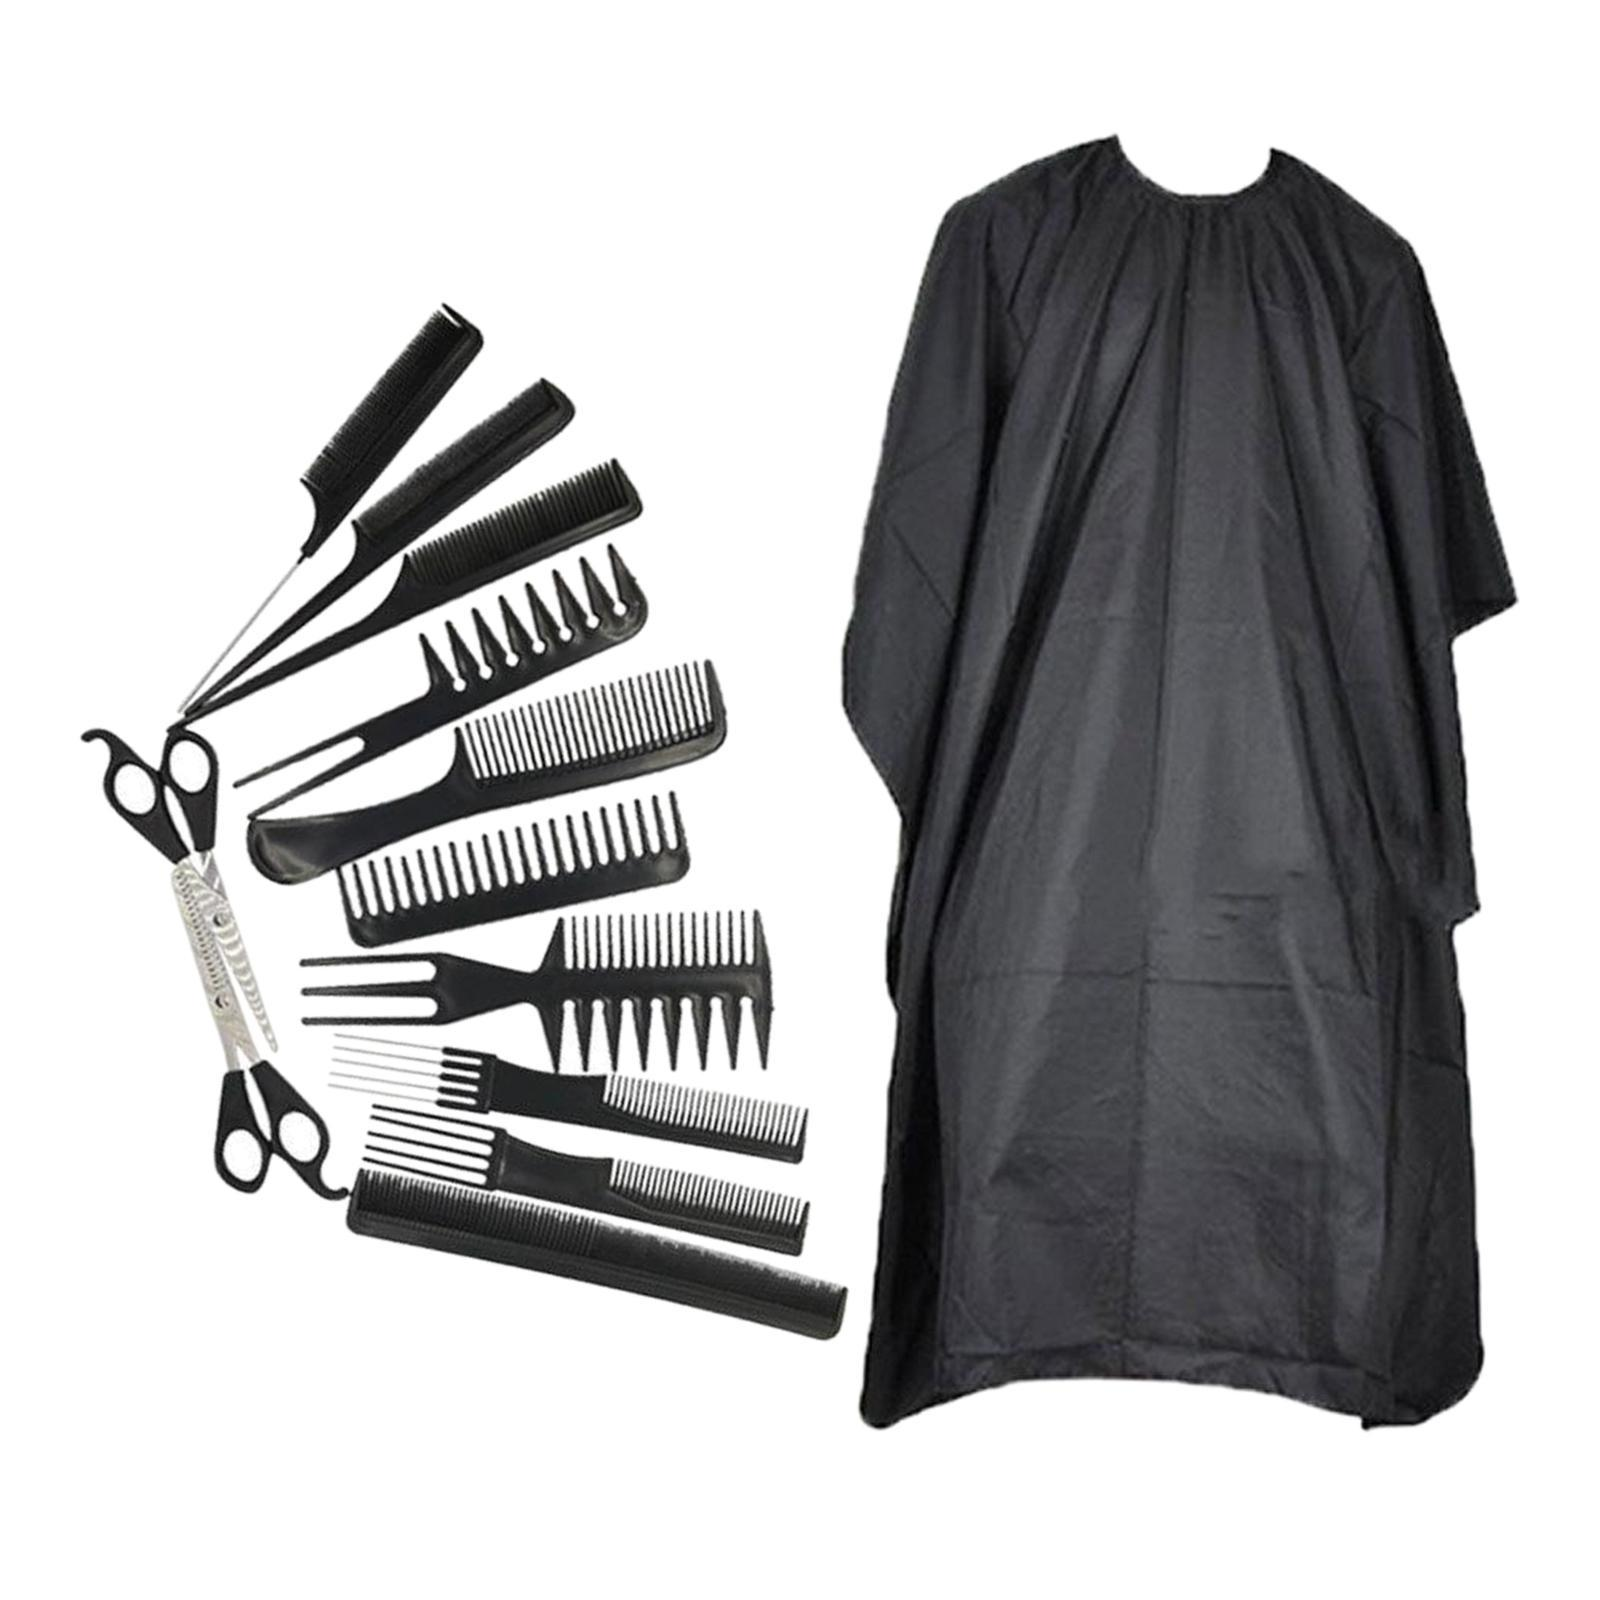 miniatura 30 - Parrucchiere barbiere spazzola per capelli pettine Set strumenti taglio capelli